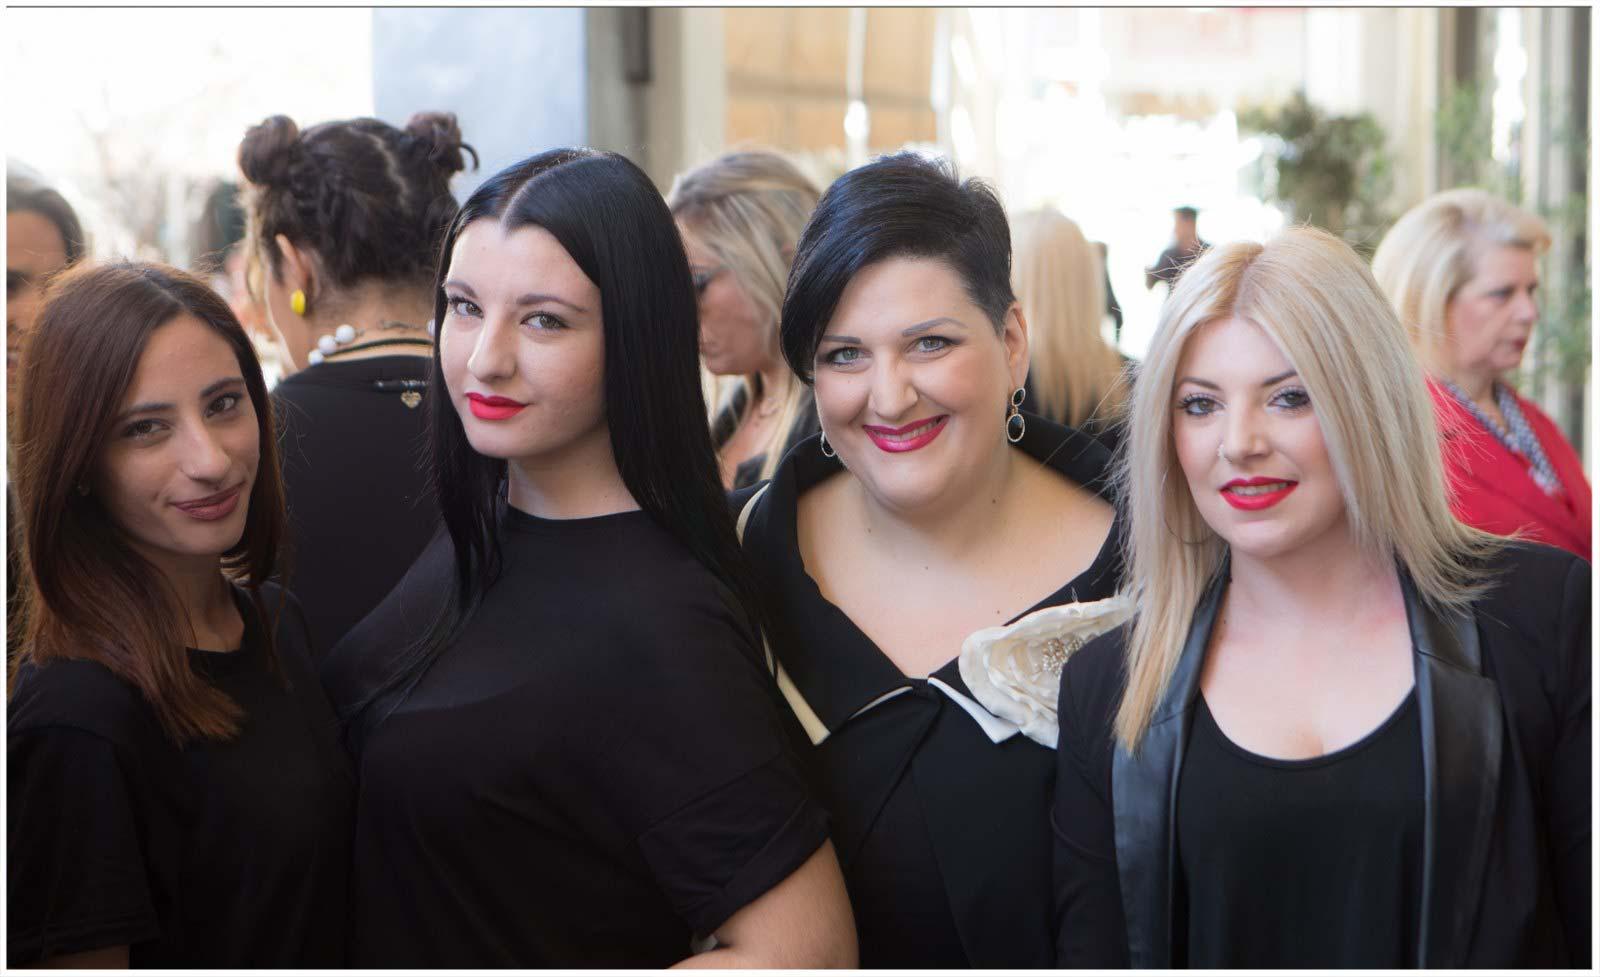 Ιωάννα Γαρώνη, Κωνσταντίνα Γαρώνη, Άννα Μαρία Ρογδάκη, Νίκη Καλογεροπούλου